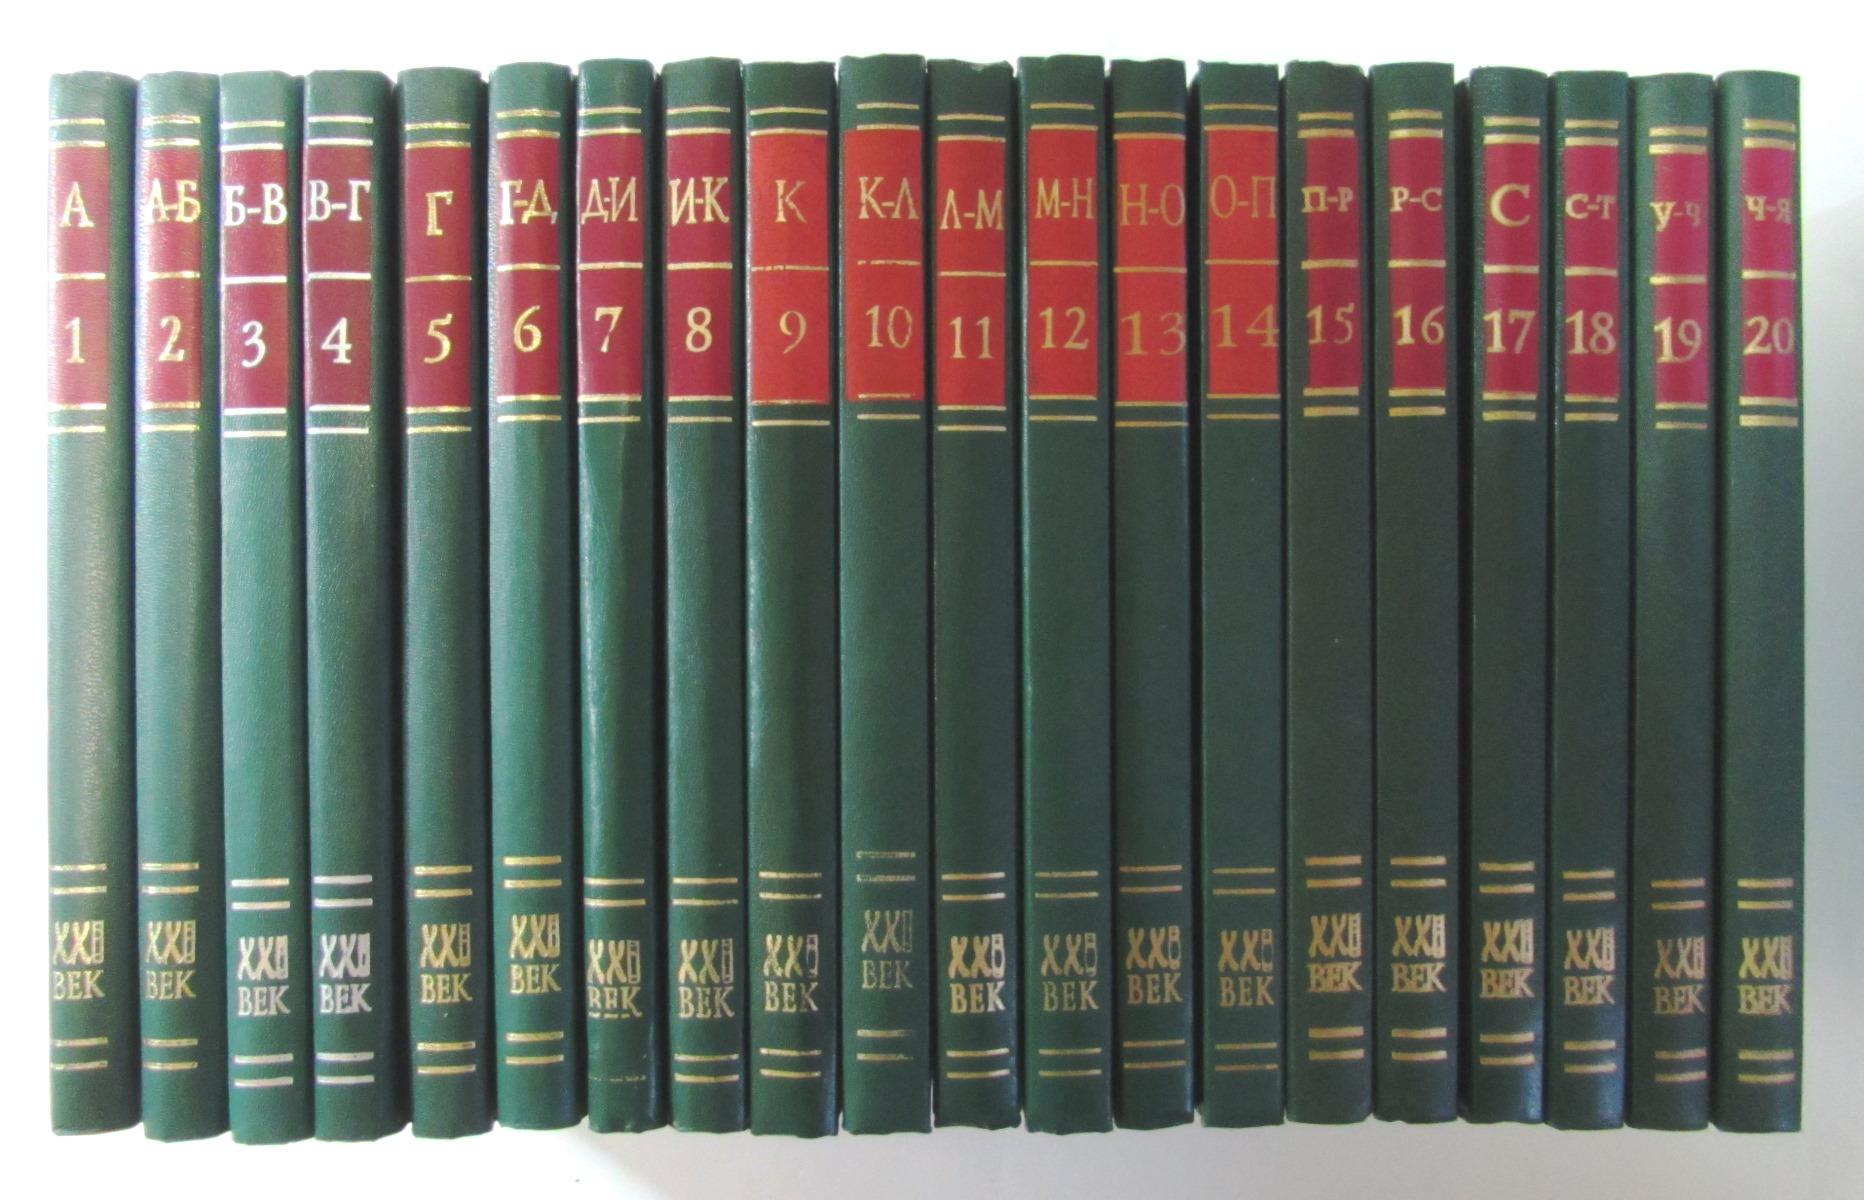 Энциклопедия книжного клуба XXI век (комплект из 20 книг) математическая энциклопедия комплект из 5 книг